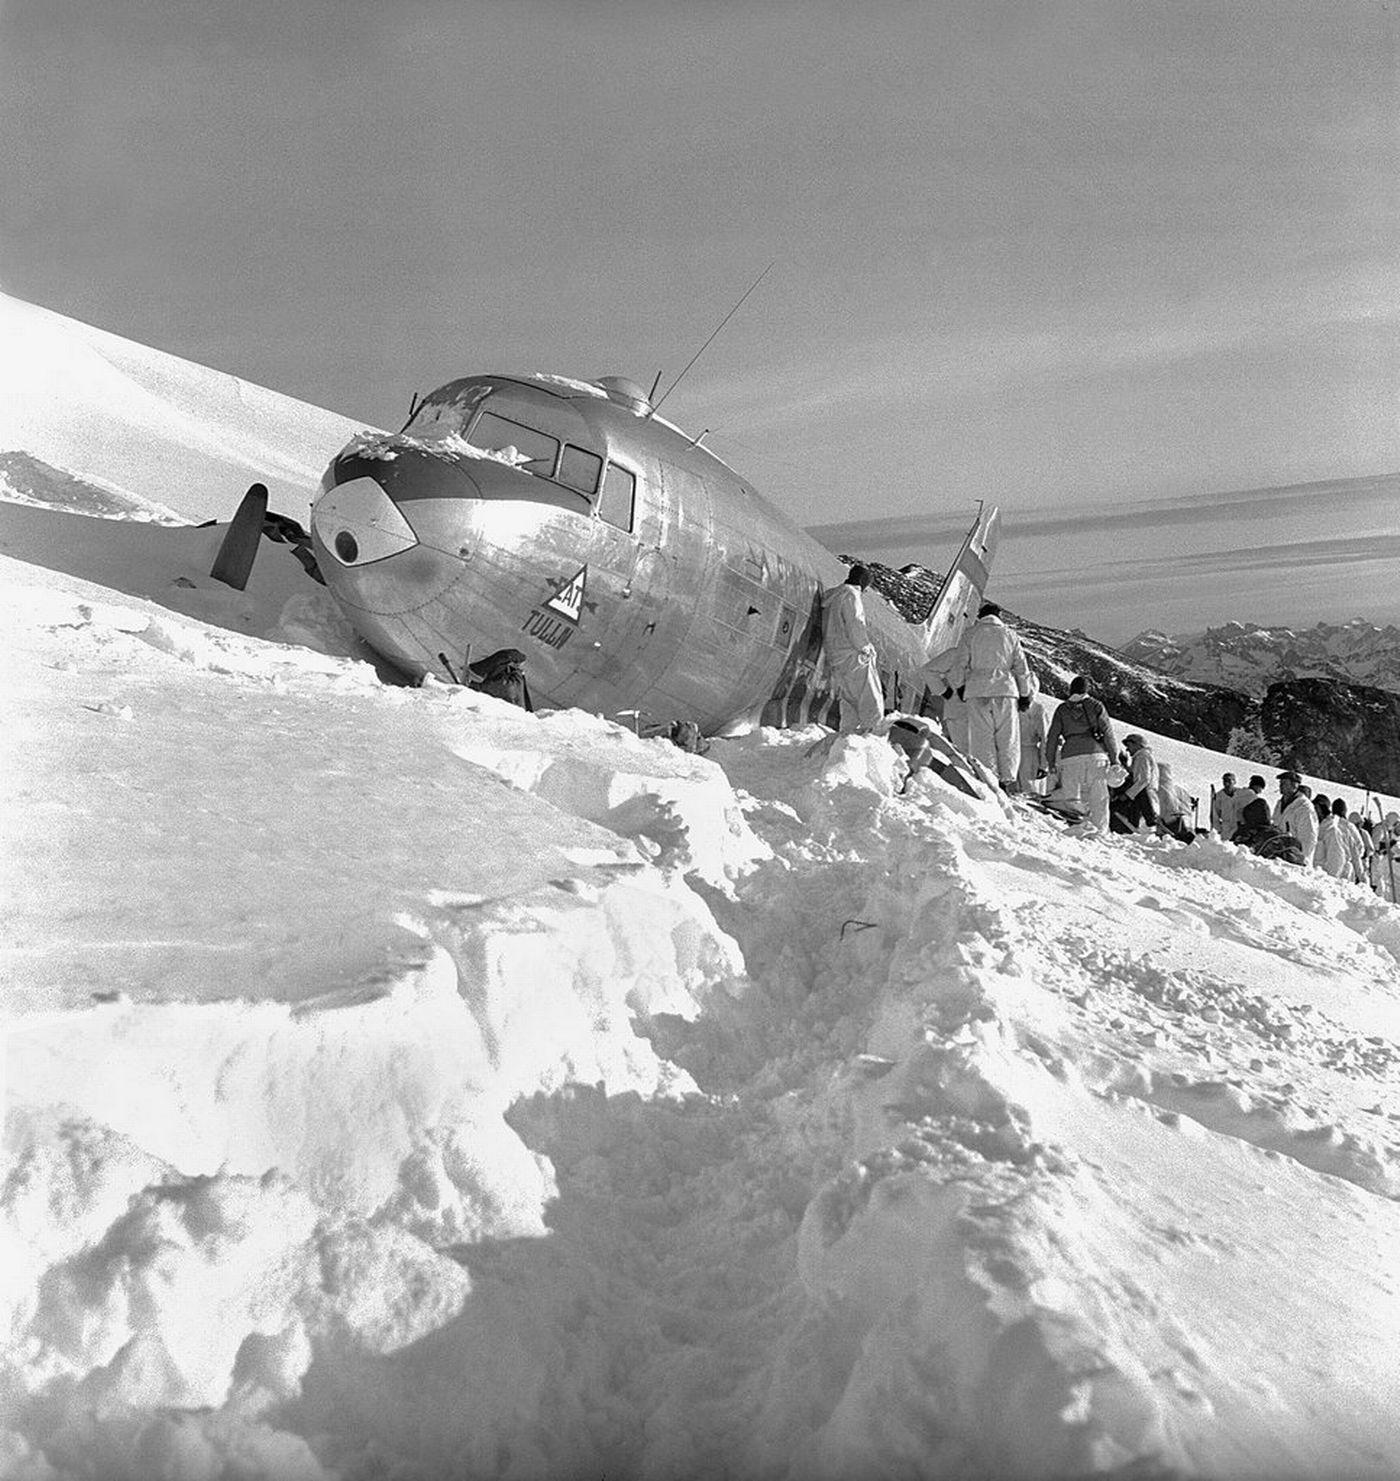 Les 12 passagers avaient survécu durant cinq jours à 3350 mètres d'altitude.